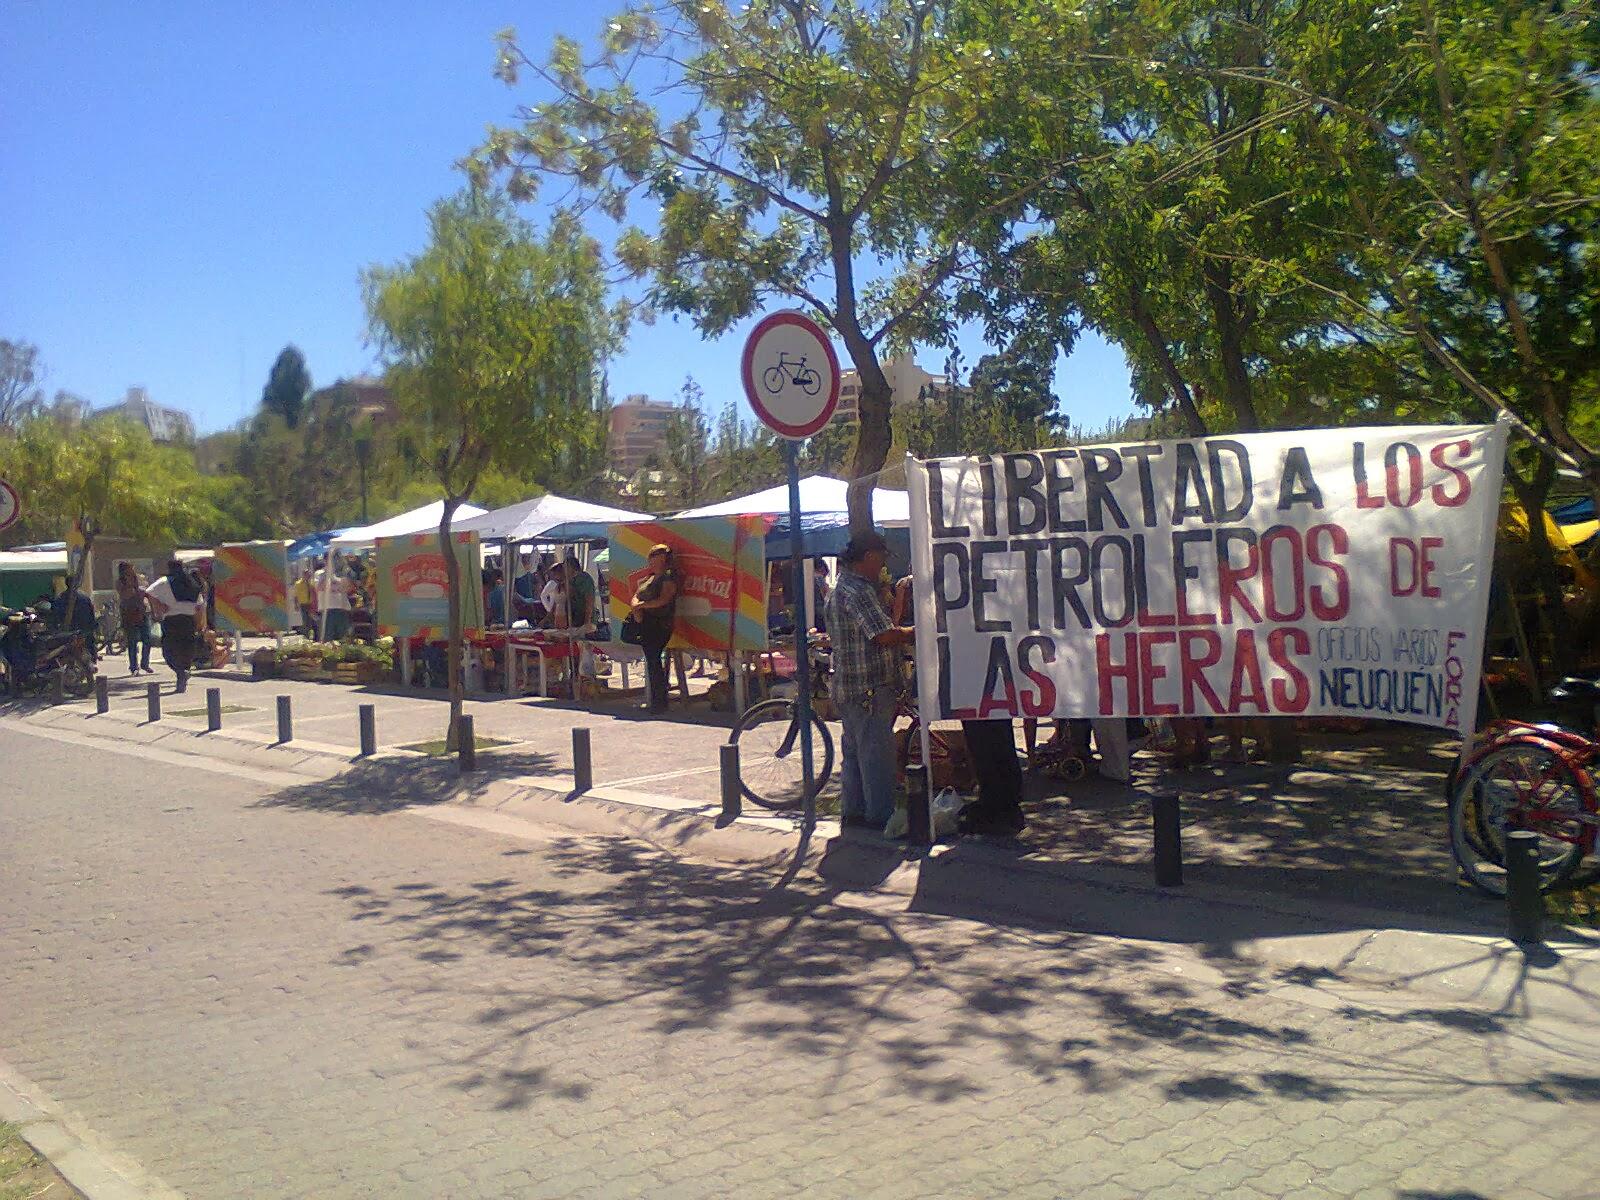 https://www.facebook.com/pages/Anarquistas/378066755607147,Anarquistas,Anarquismo,Anarquía,trabajadores,obreros,Neuquén,  San Martín de los Andes, Zapala, Centenario, Cutral Co, Plottier, Plaza Huincul, Chos Malal, Junín de los Andes, Rincón de los Sauces, Villa La Angostura, Senillosa, Campaña por la libertad de los Petroleros de Las Heras Como Sociedad de Resistencia Oficios Varios de Neuquén nos sumamos a la campaña de actividades por la libertad de los trabajadores petroleros de Las Heras